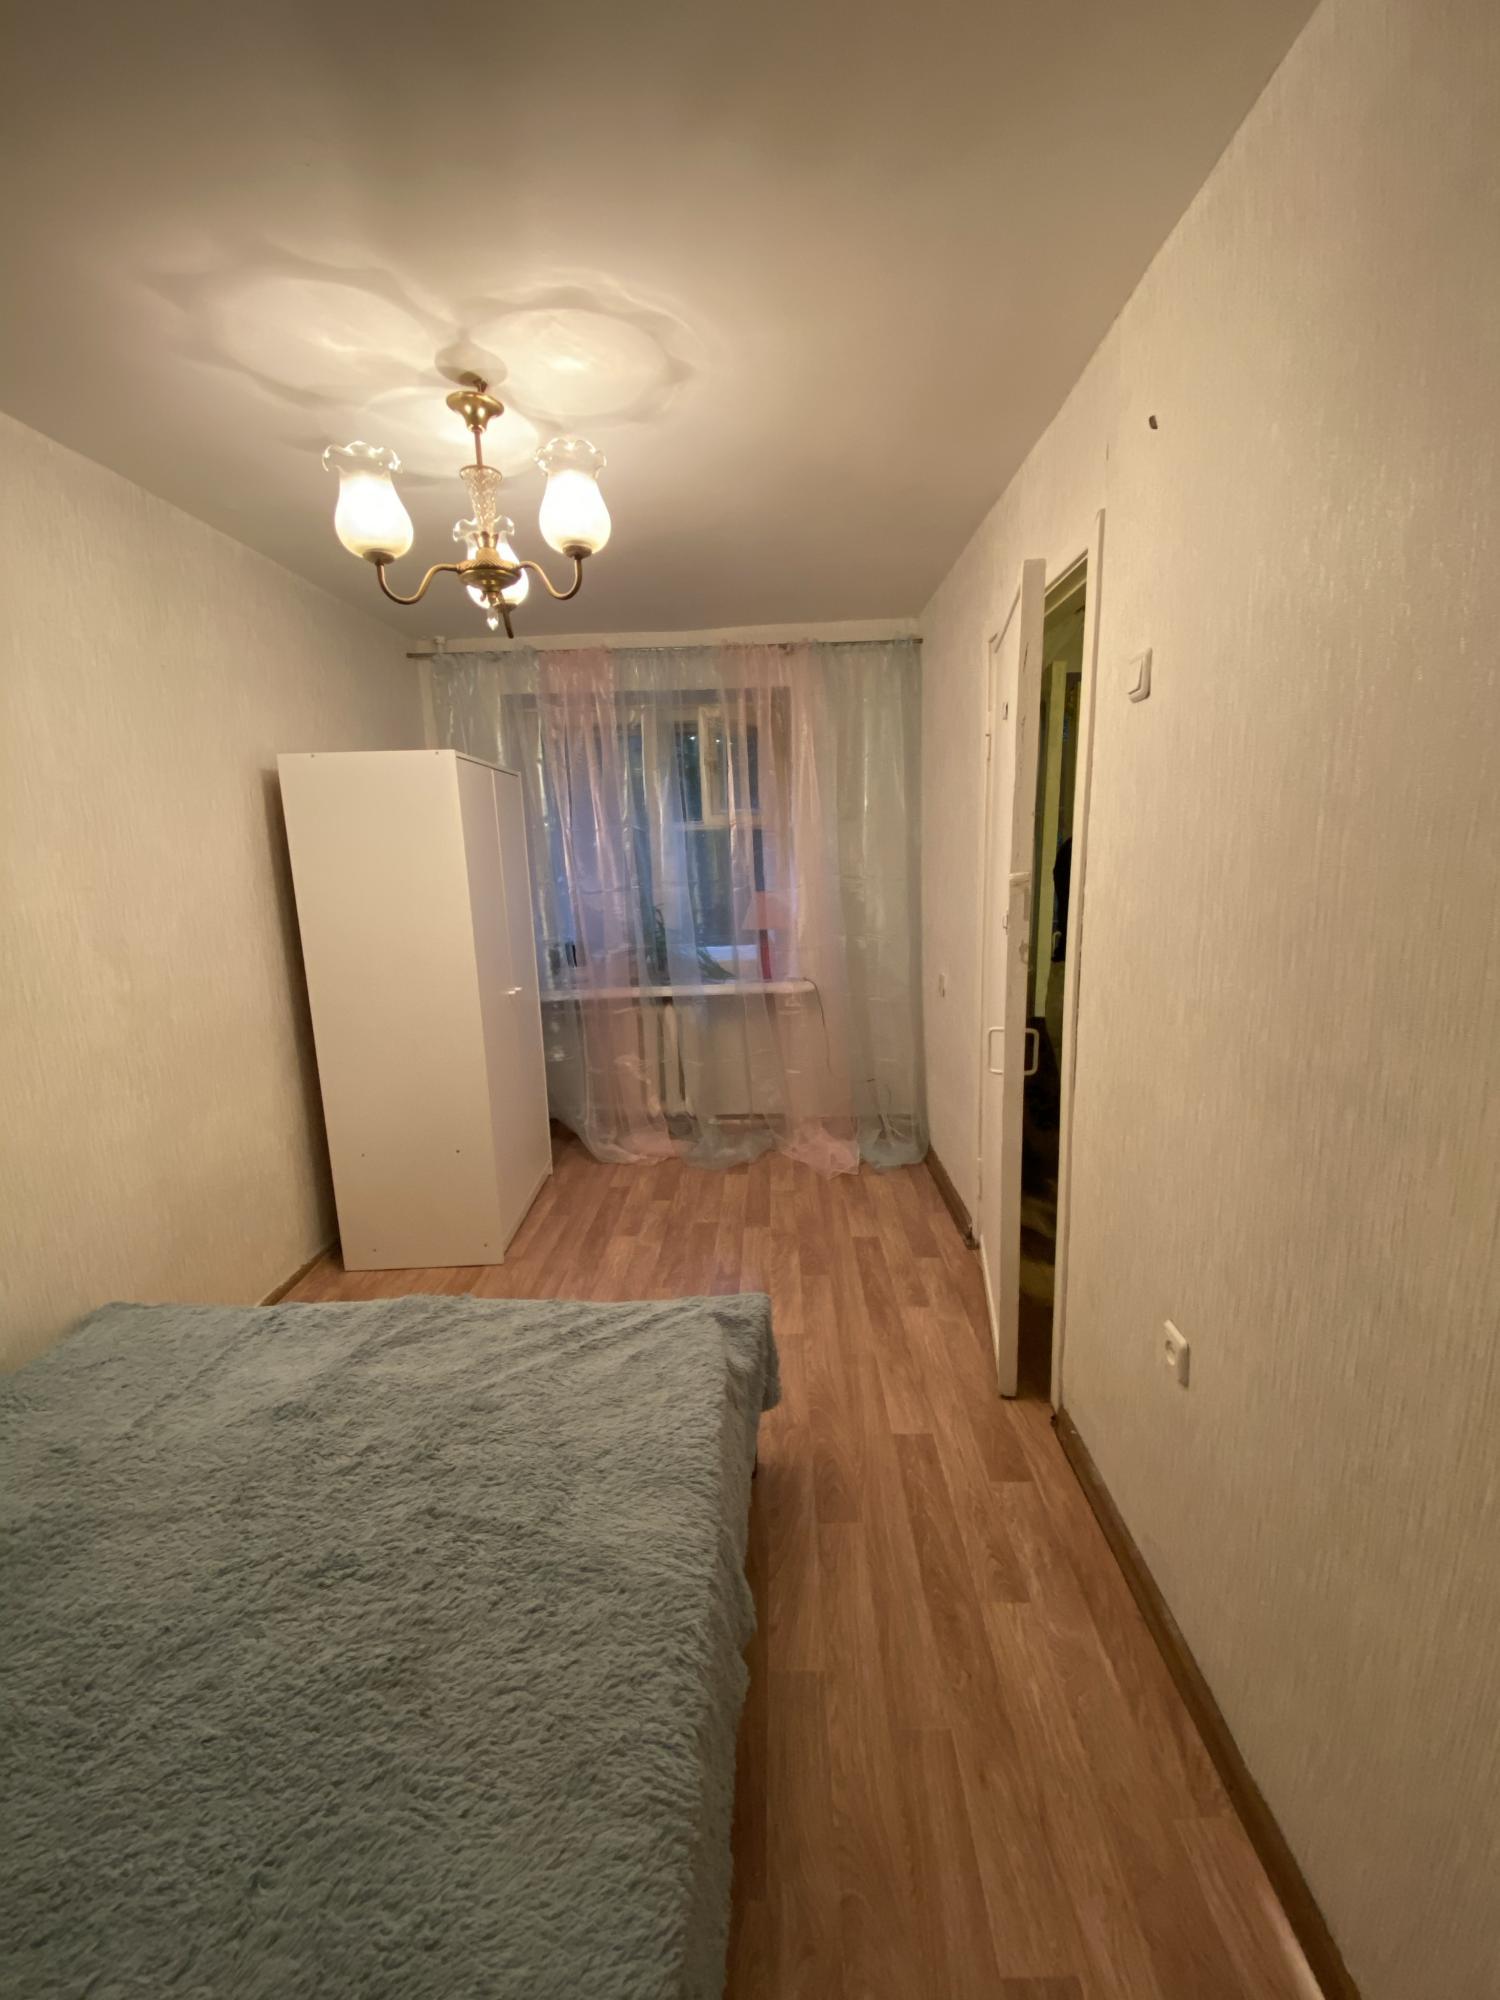 Квартира, 2 комнаты, 45 м² в Москве 89258557885 купить 1